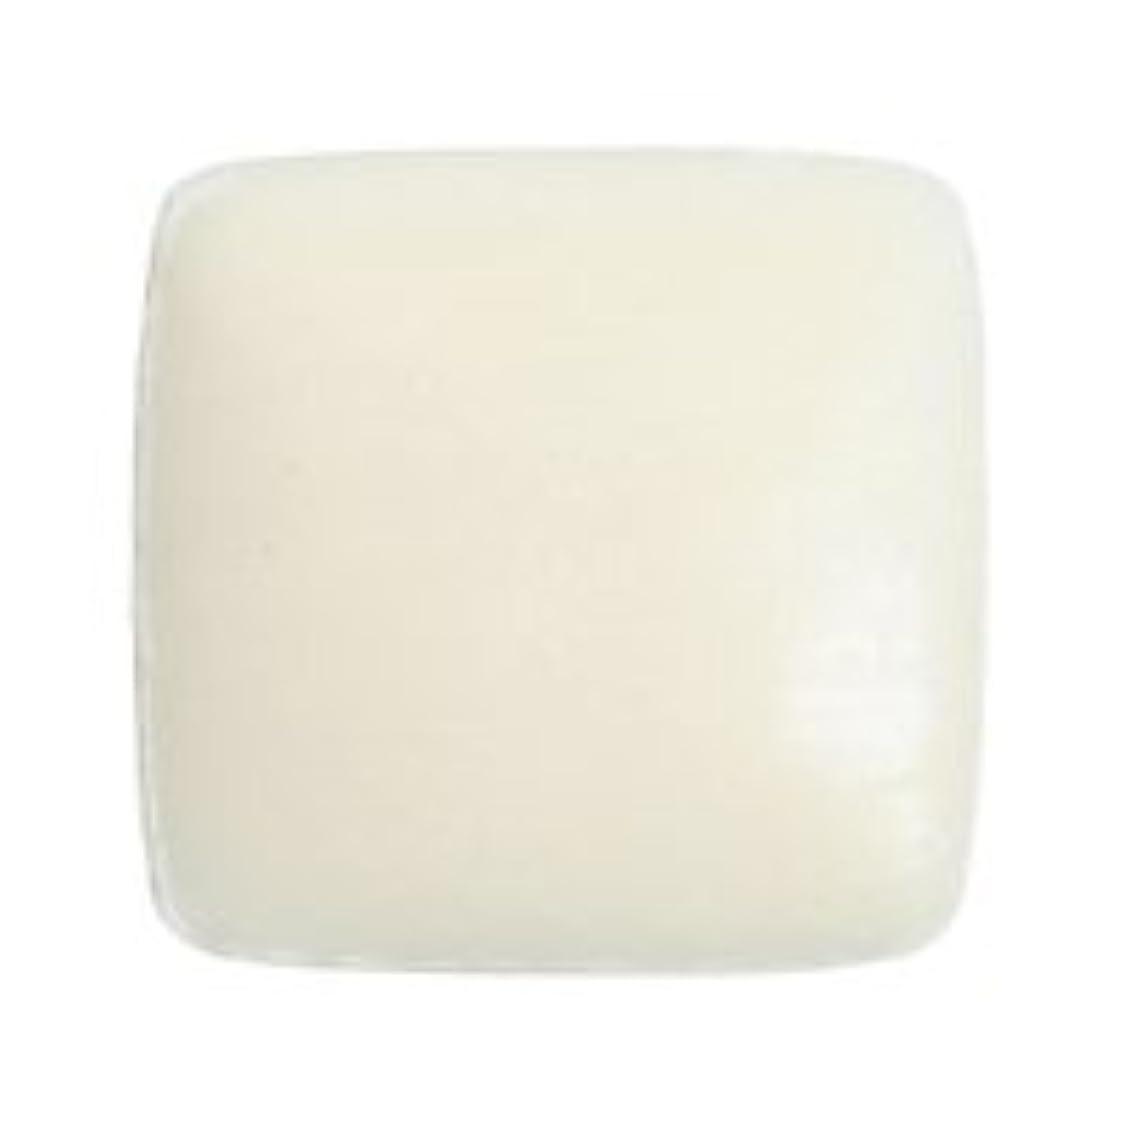 オピエート制限された南方のドクターY ホワイトクレイソープ80g 固形石鹸